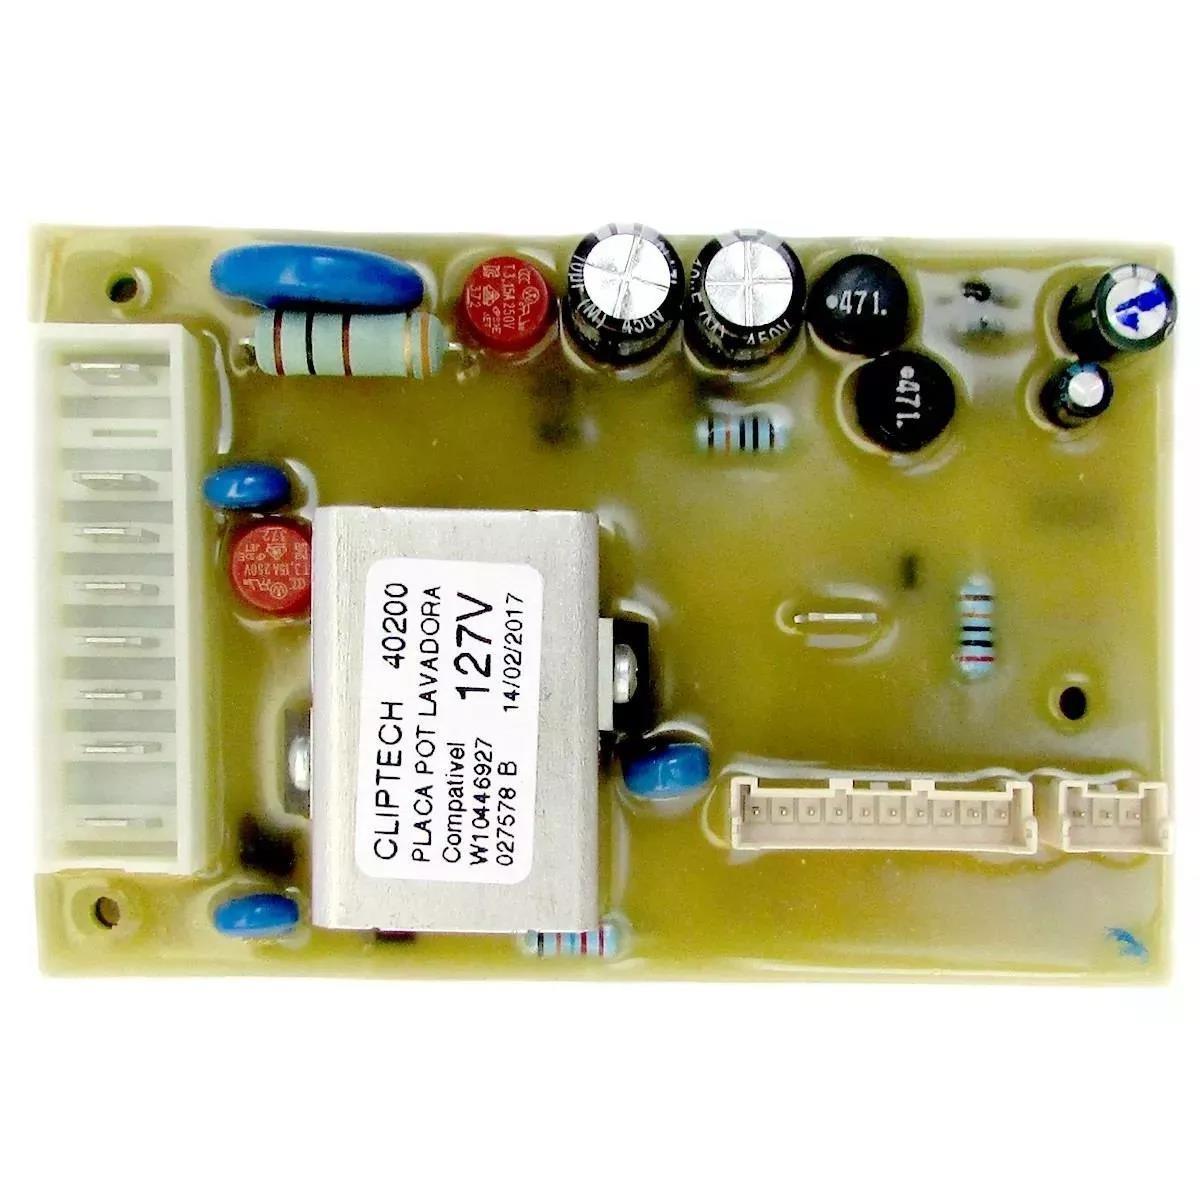 Imagem do produto Placa Eletrônica Potencia Original Brastemp - 127V